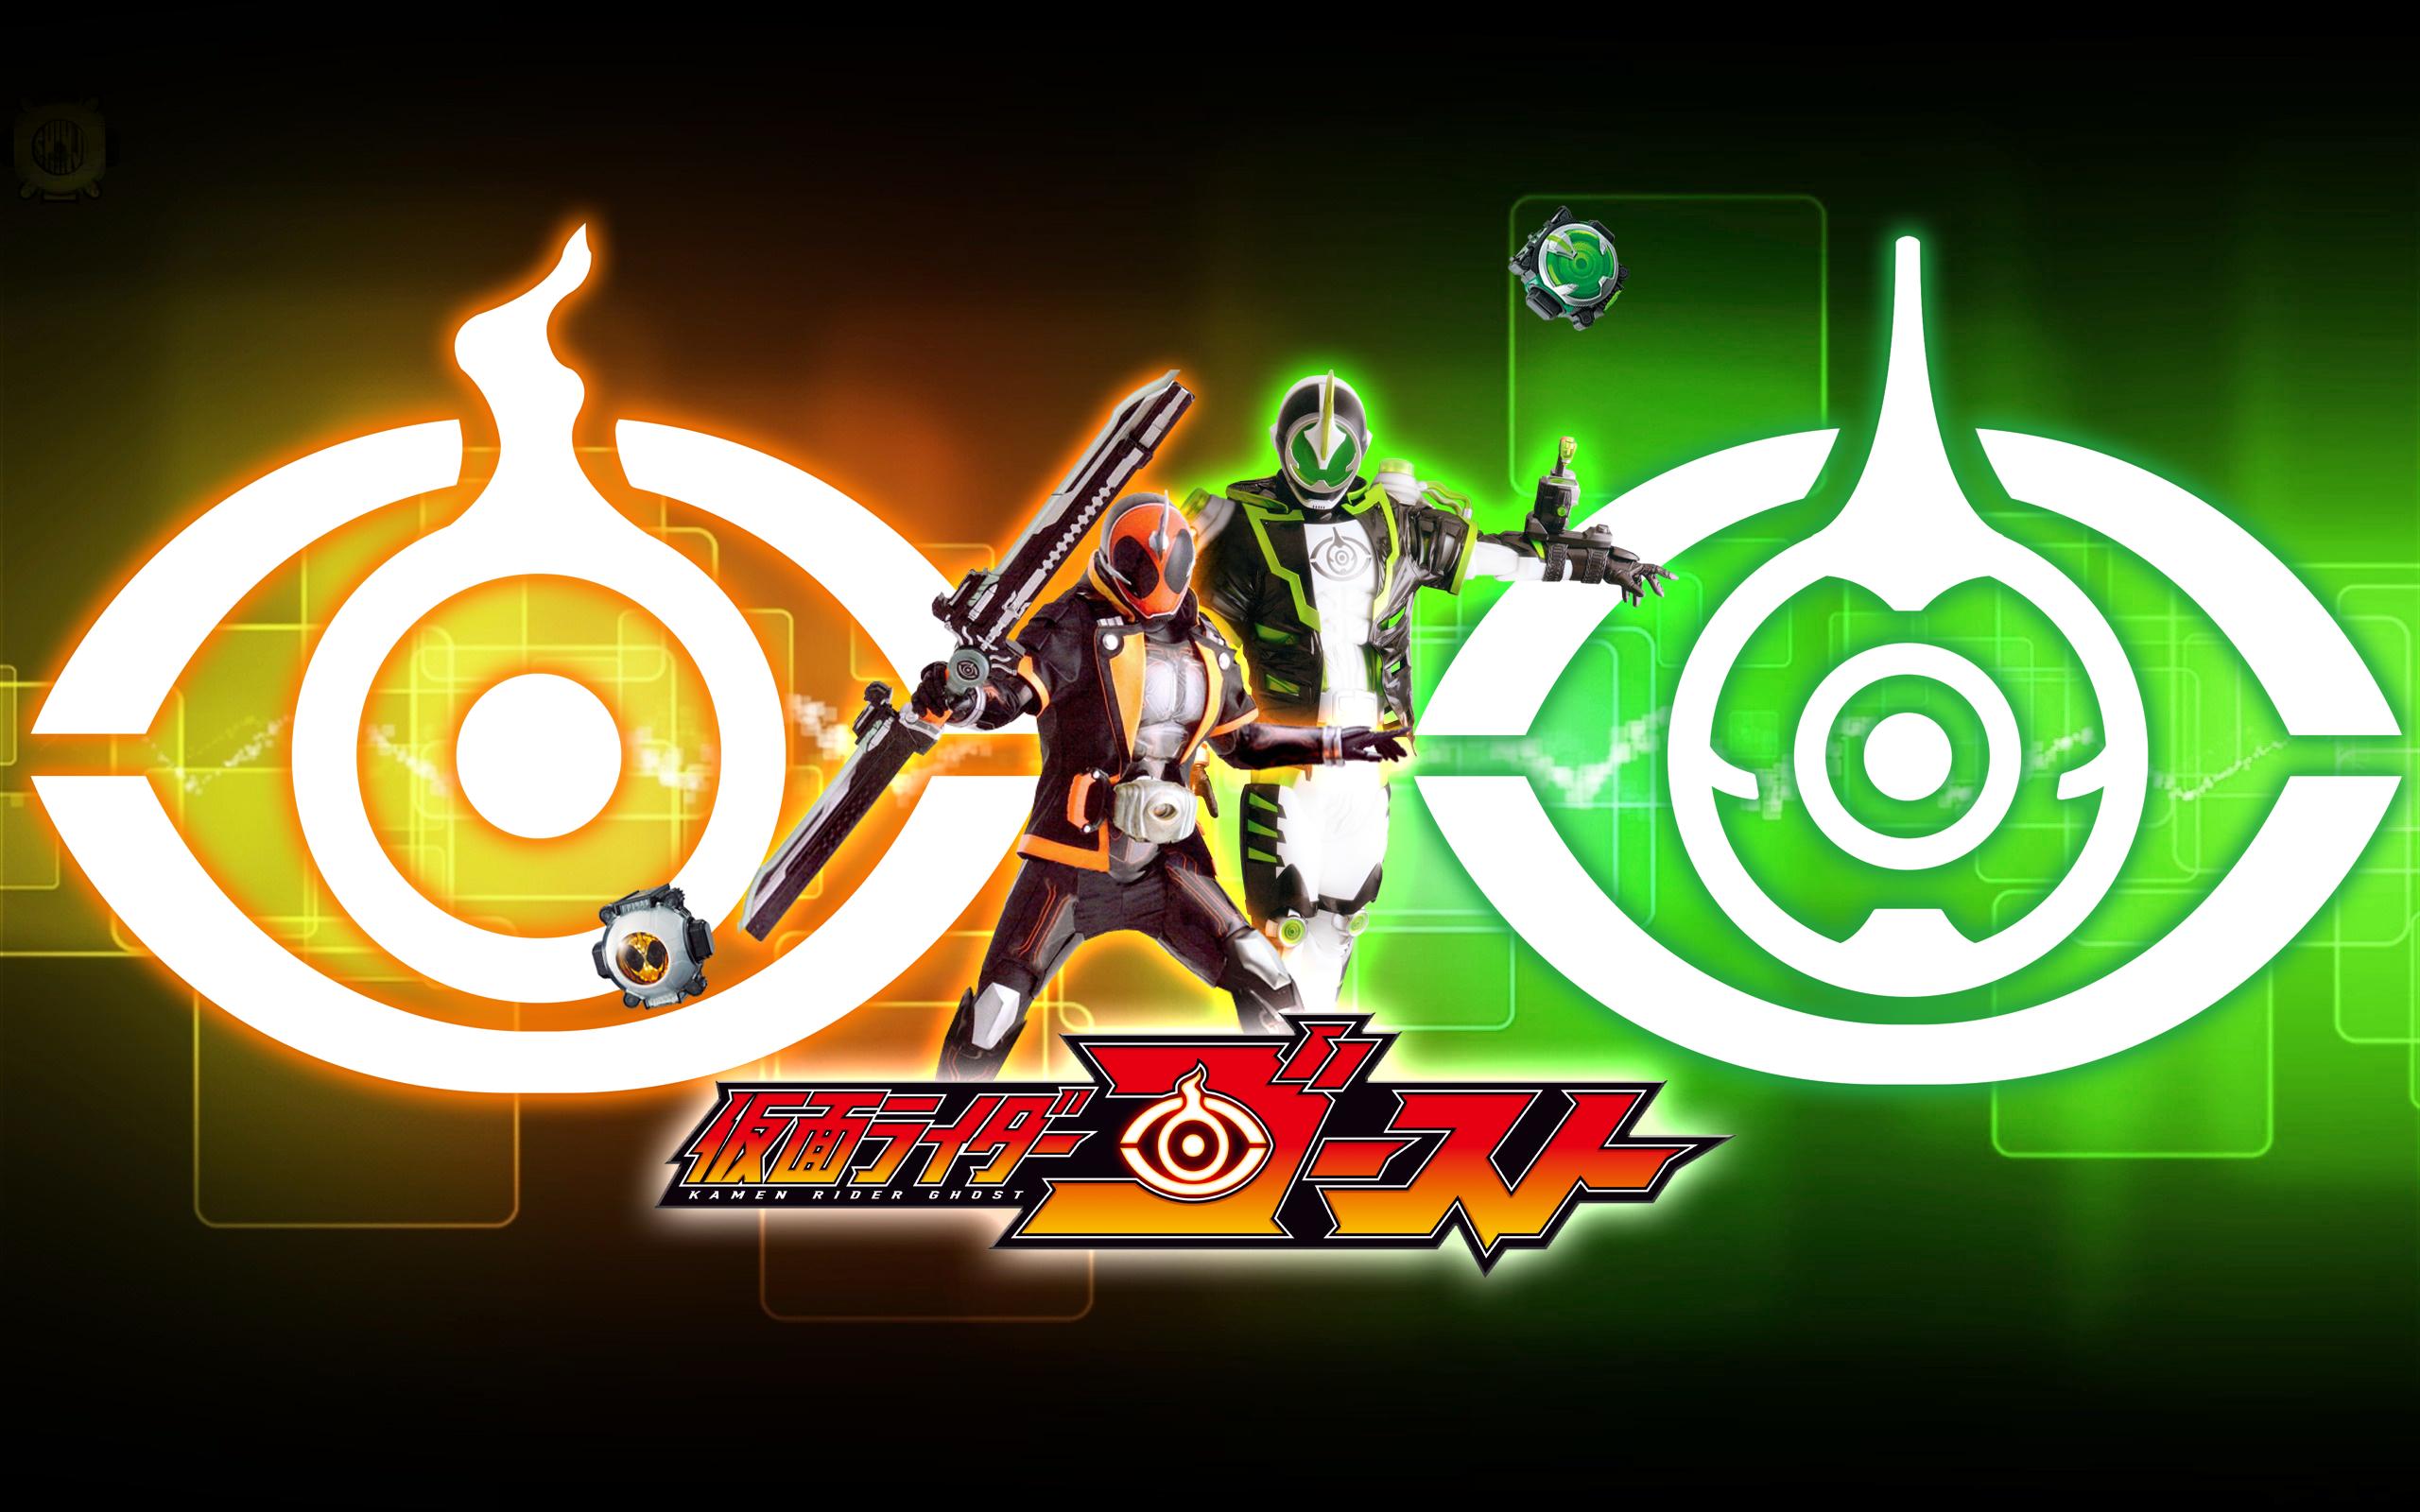 Kamen Rider Necrom: Kamen Rider Ghost X Necrom Wallpaper By Malecoc On DeviantArt